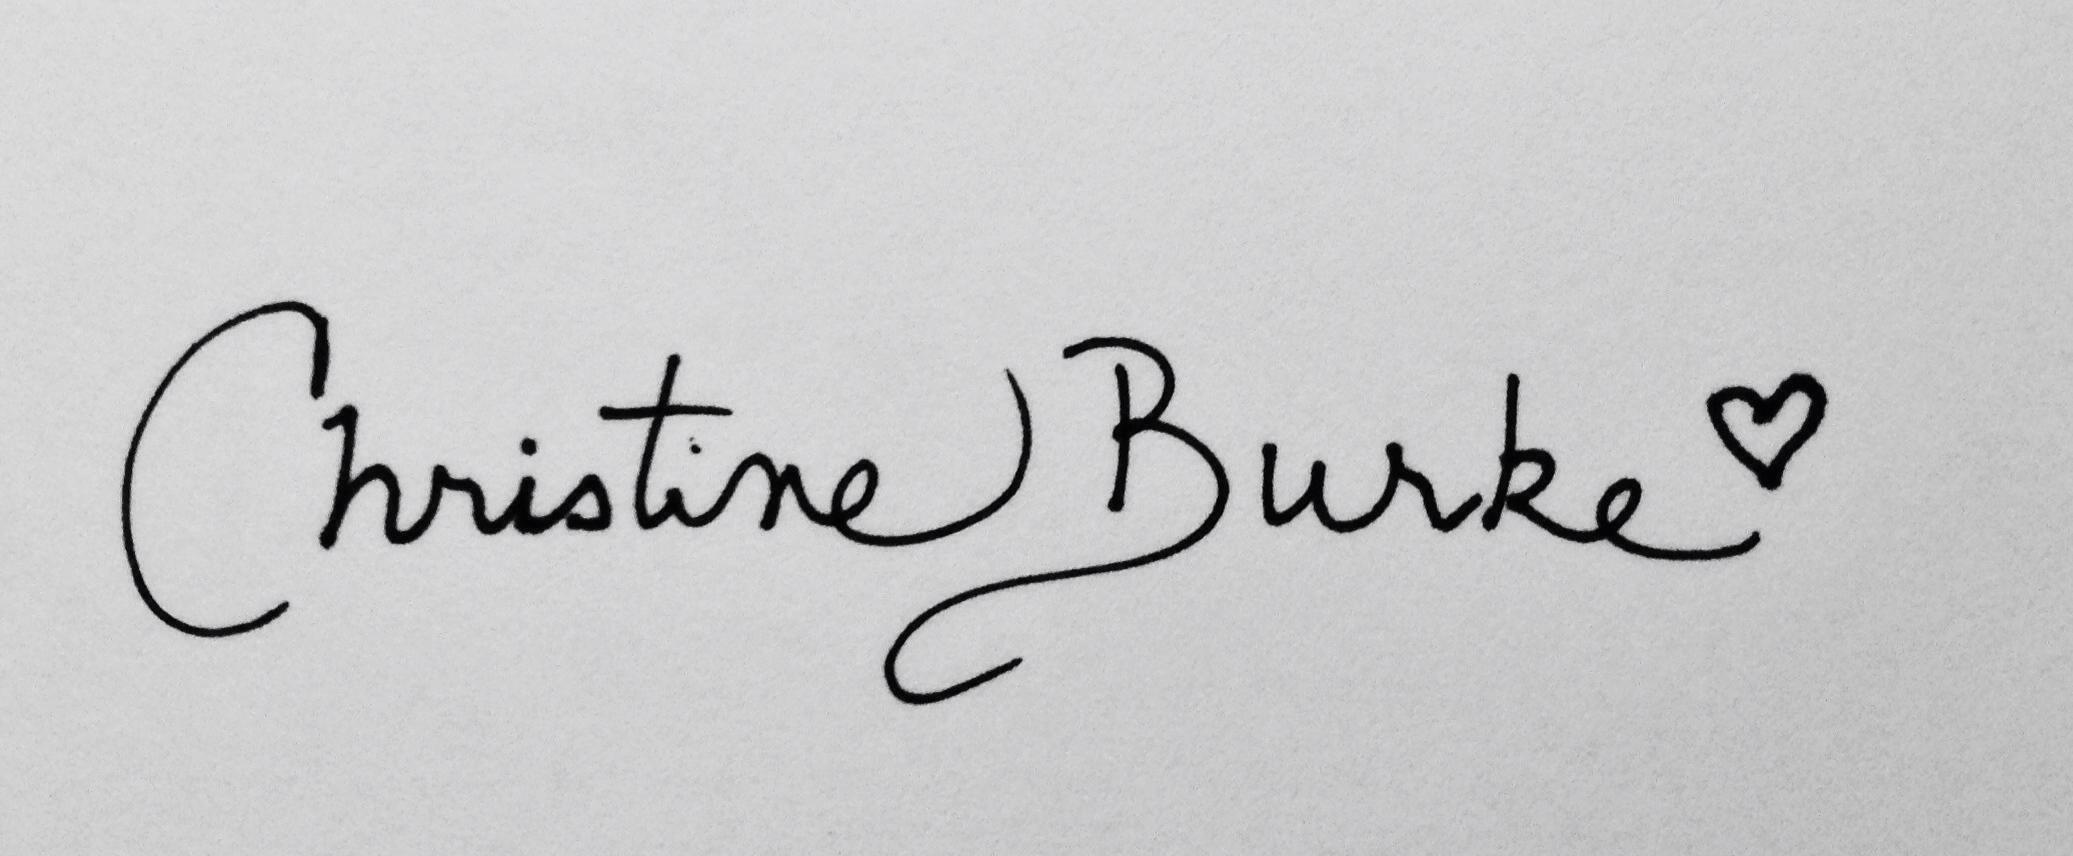 Christine Burke Signature